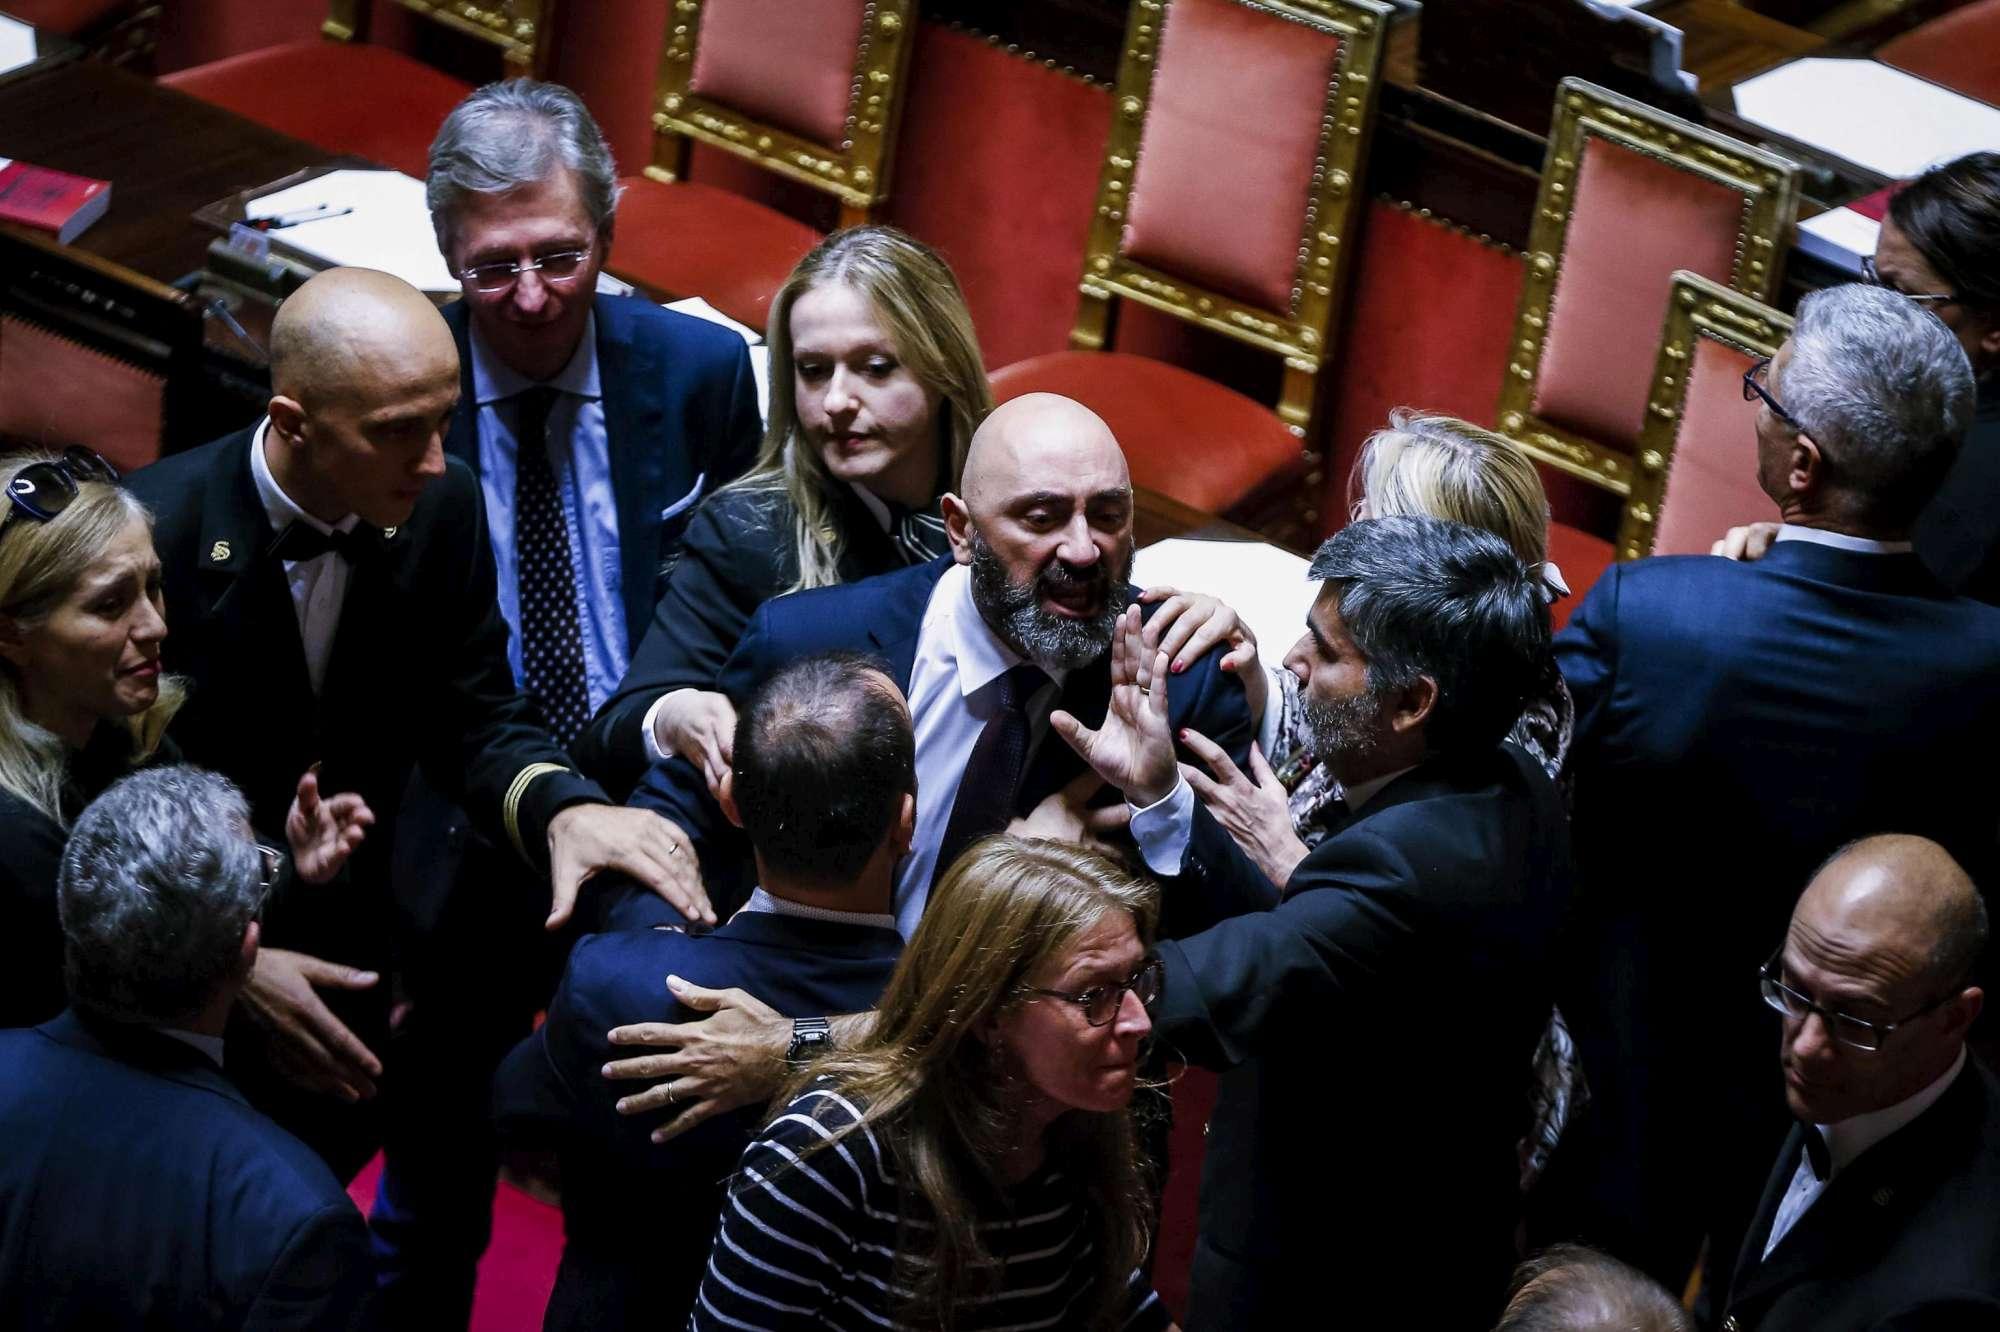 Rosatellum, caos in Senato: gesto dell ombrello e bende sugli occhi